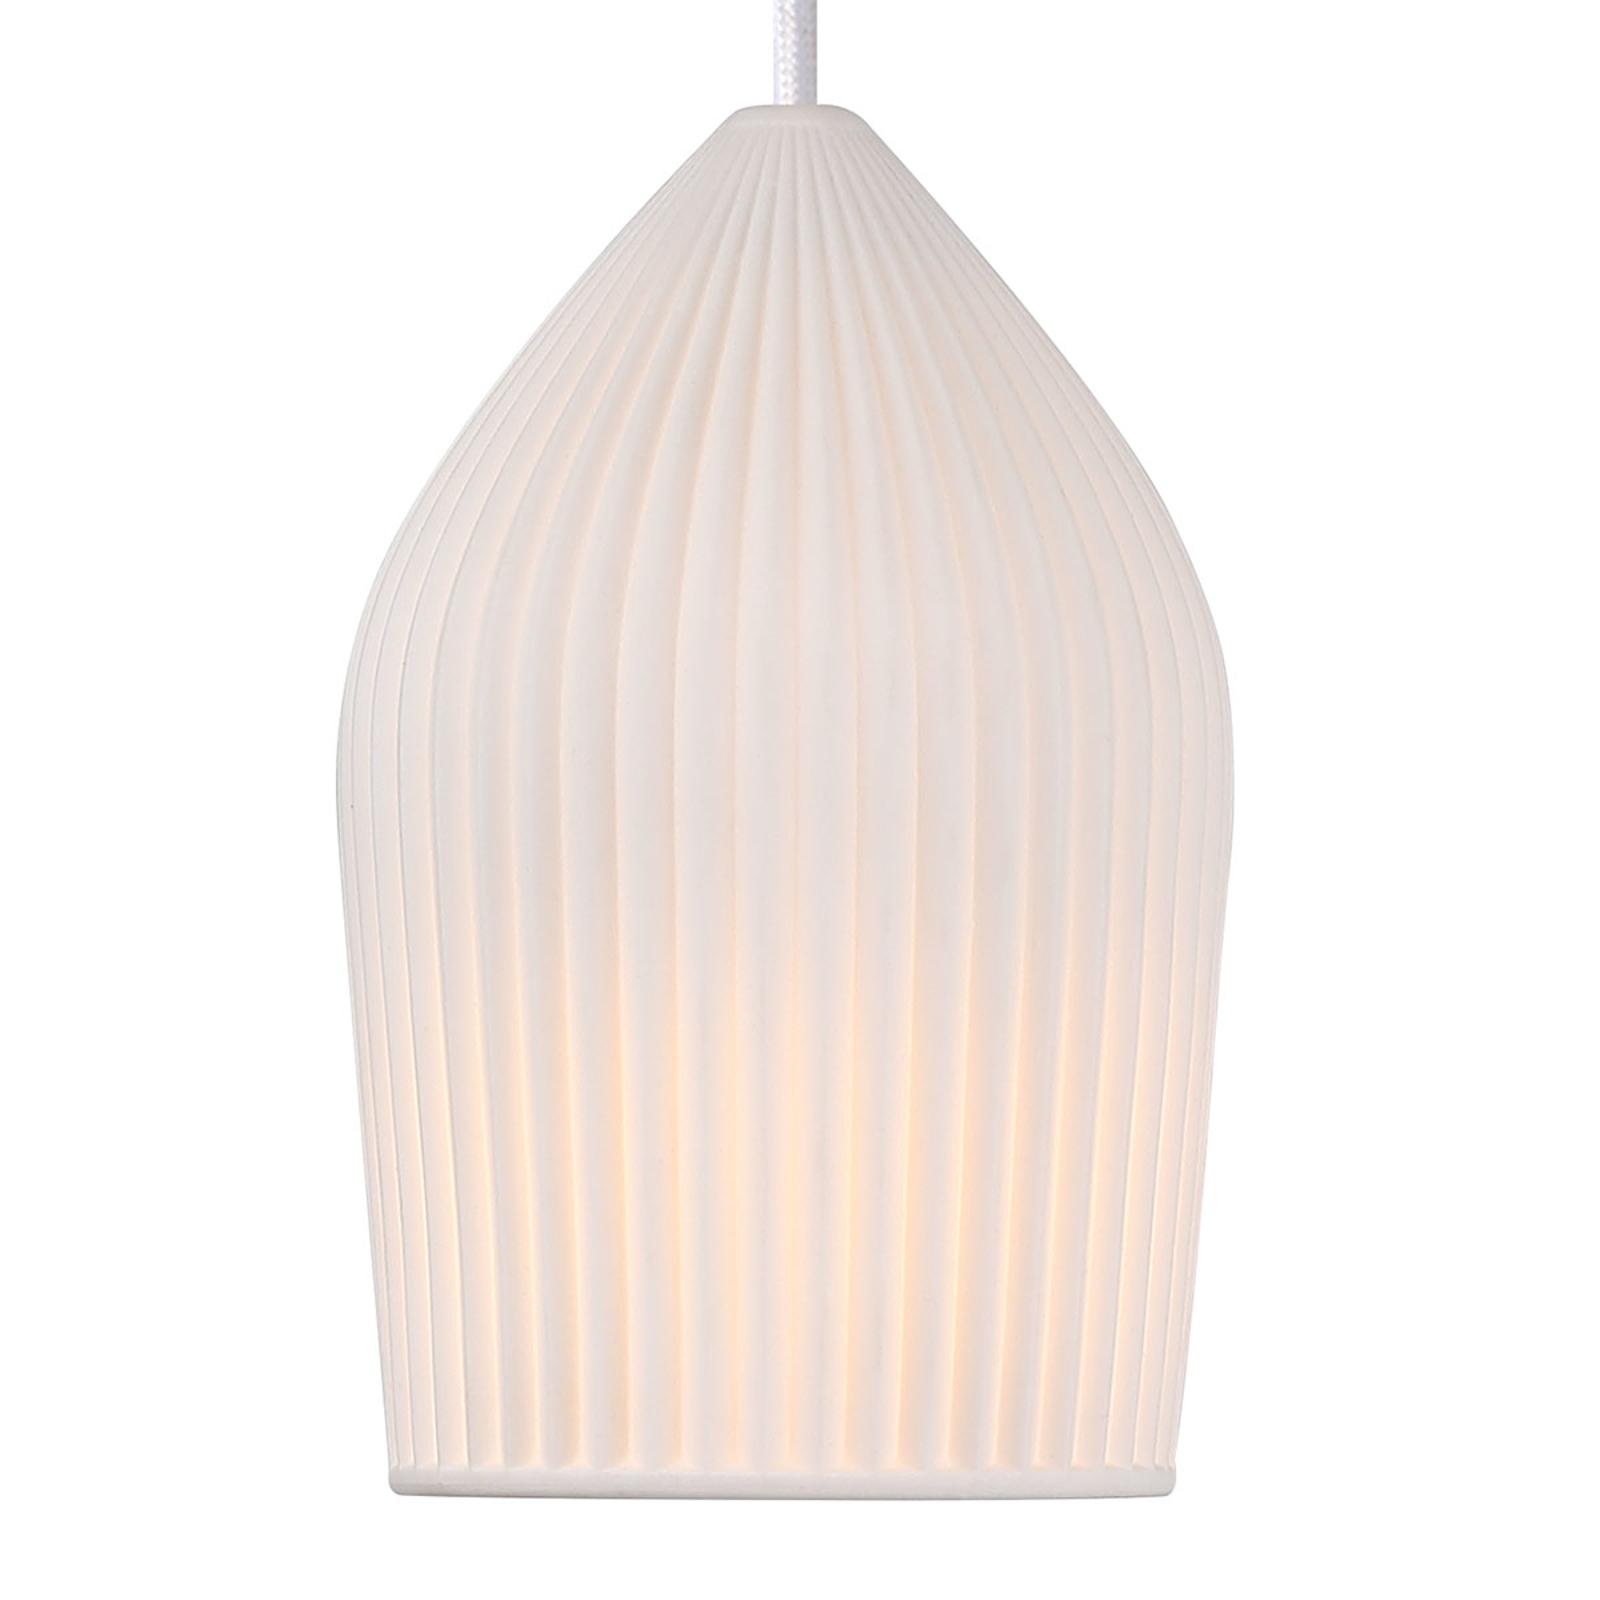 Witte keramiek-hanglamp Reykjavik Ø 12 cm